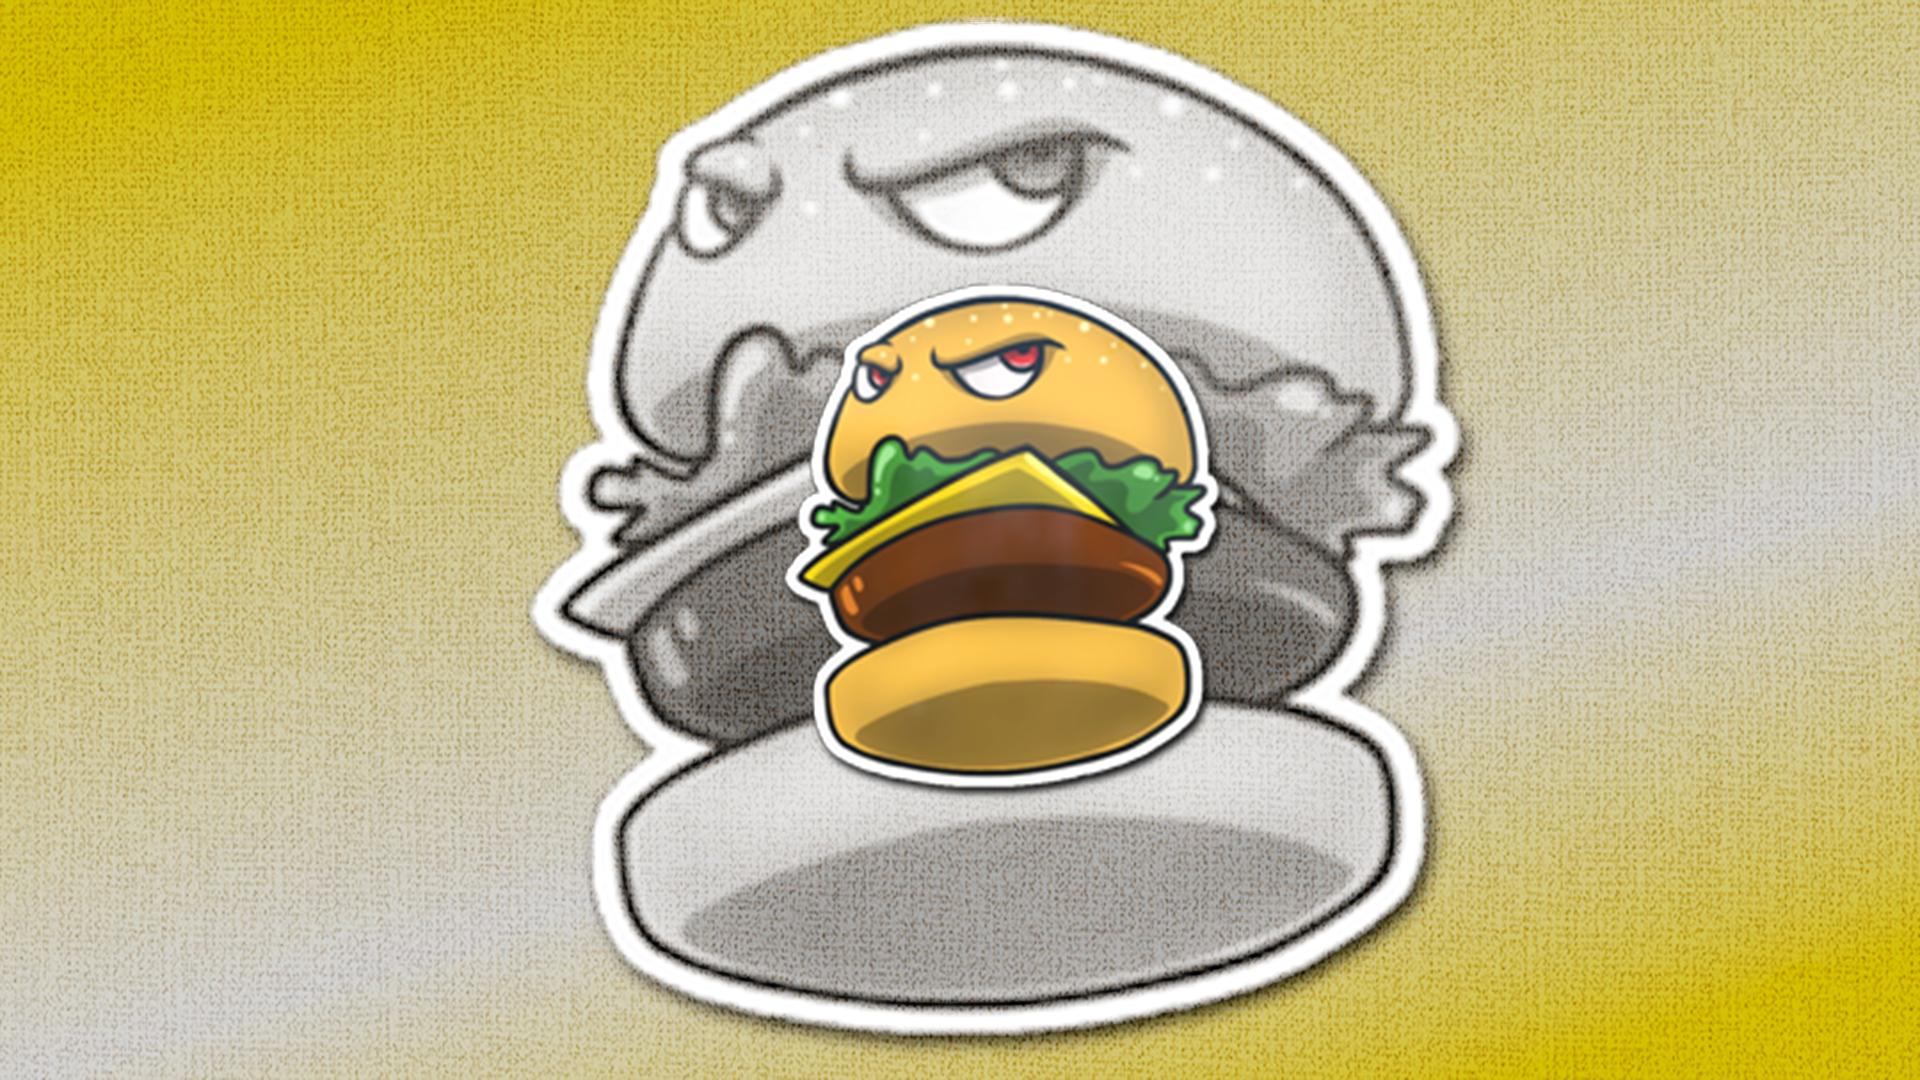 Angry Burger